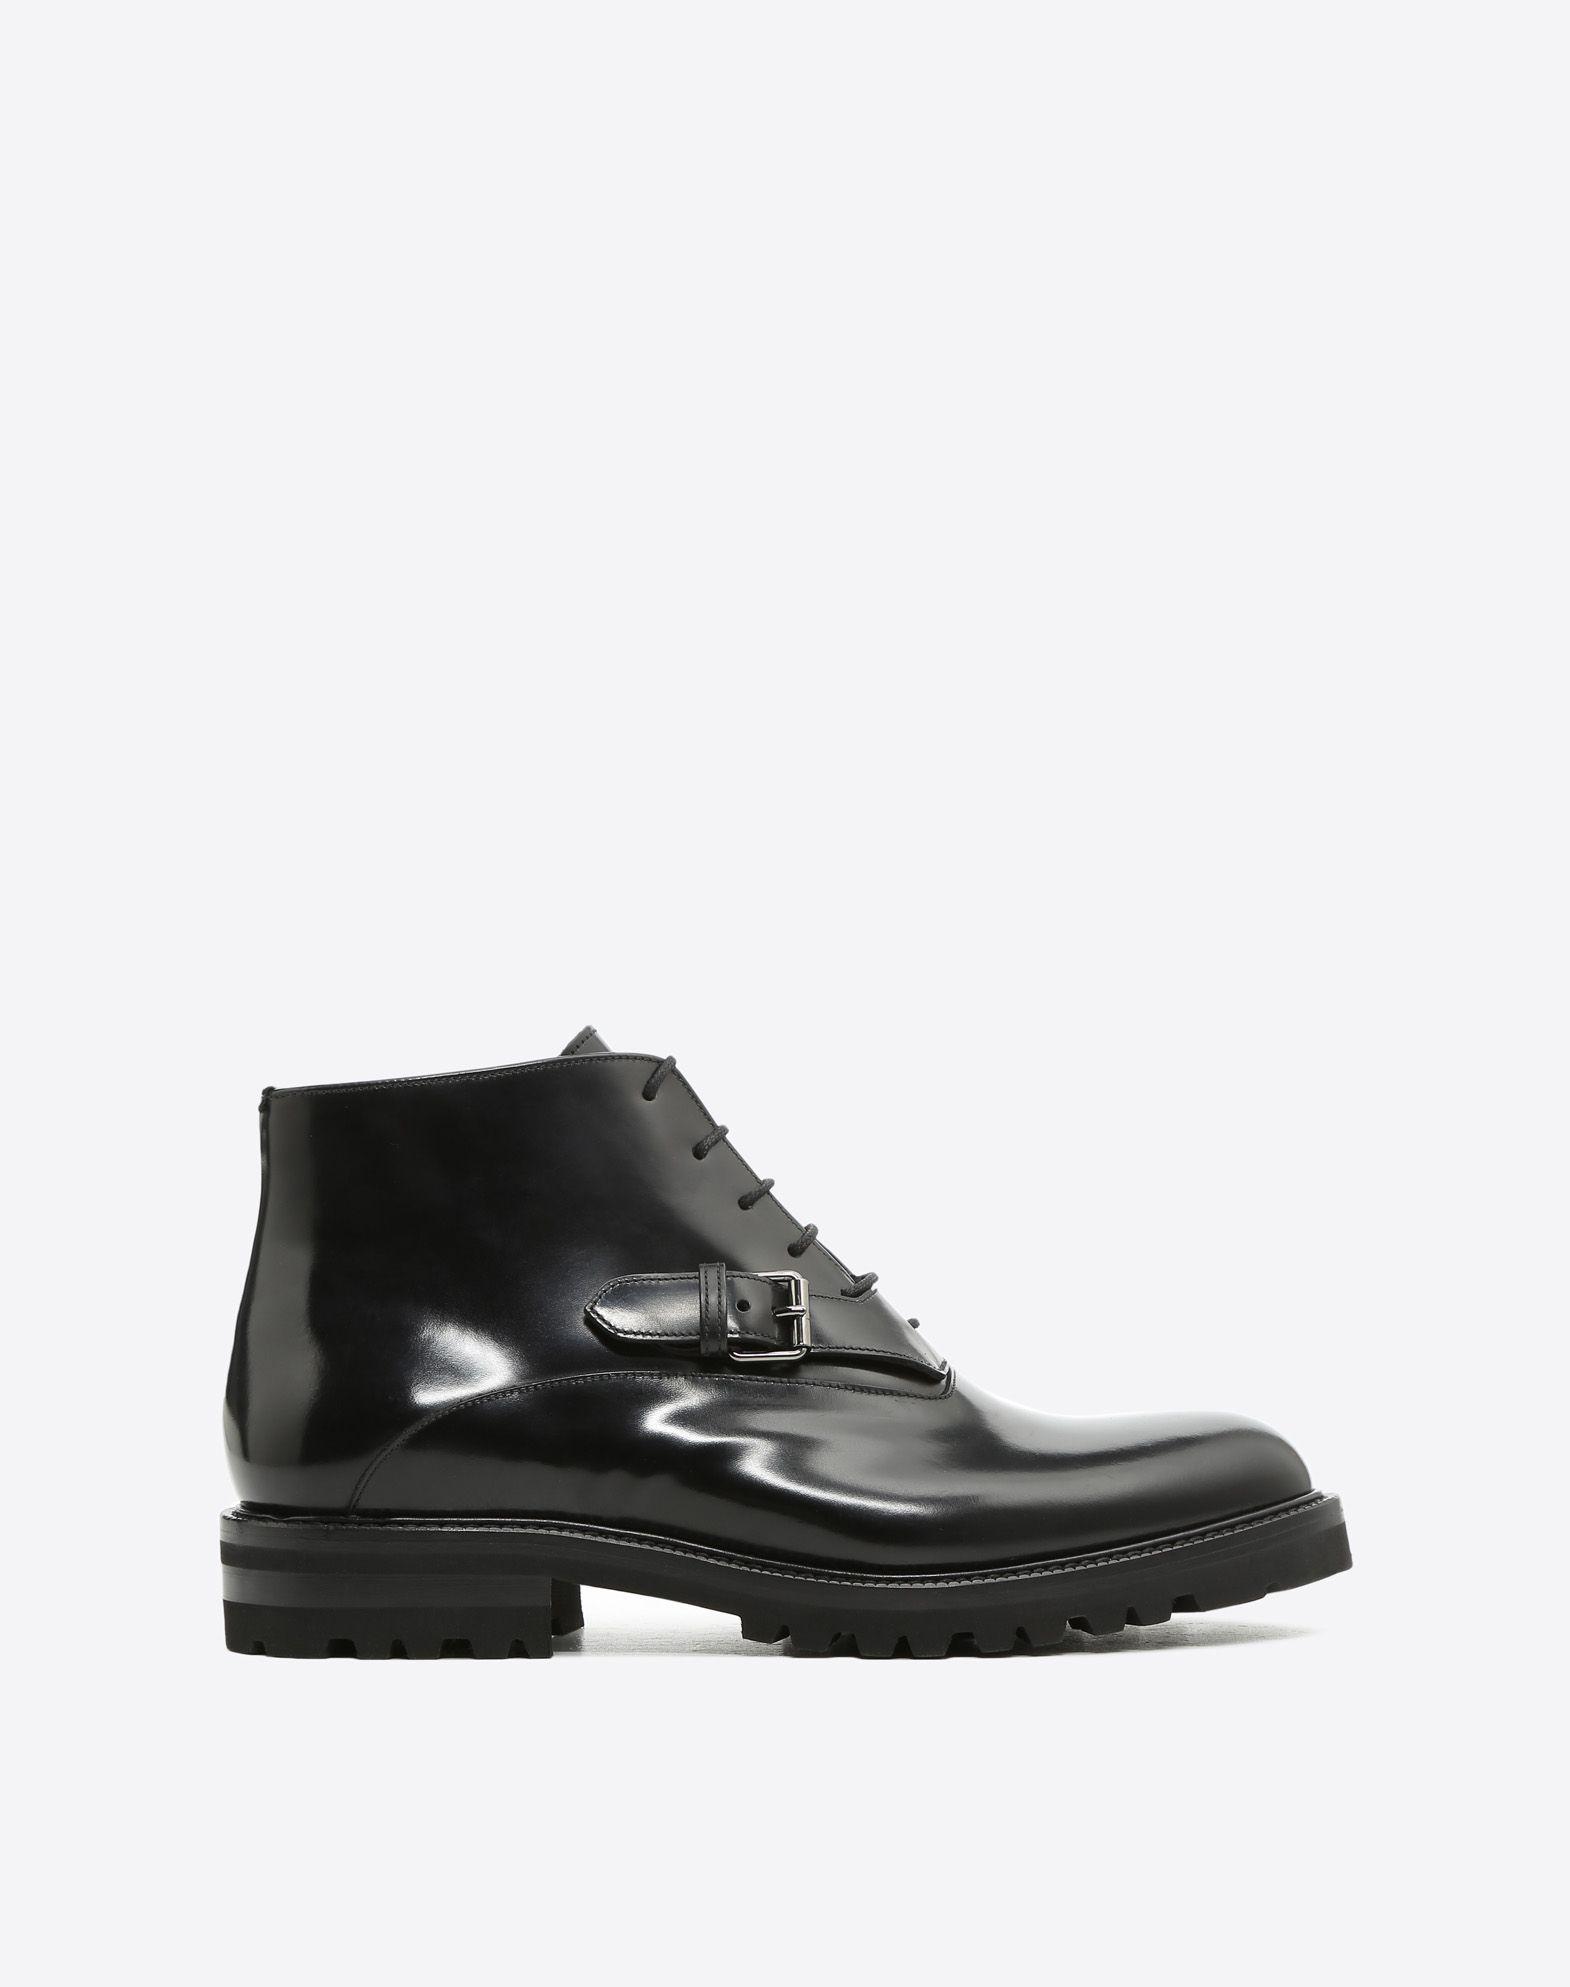 VALENTINO GARAVANI UOMO 靴子 短靴 U f